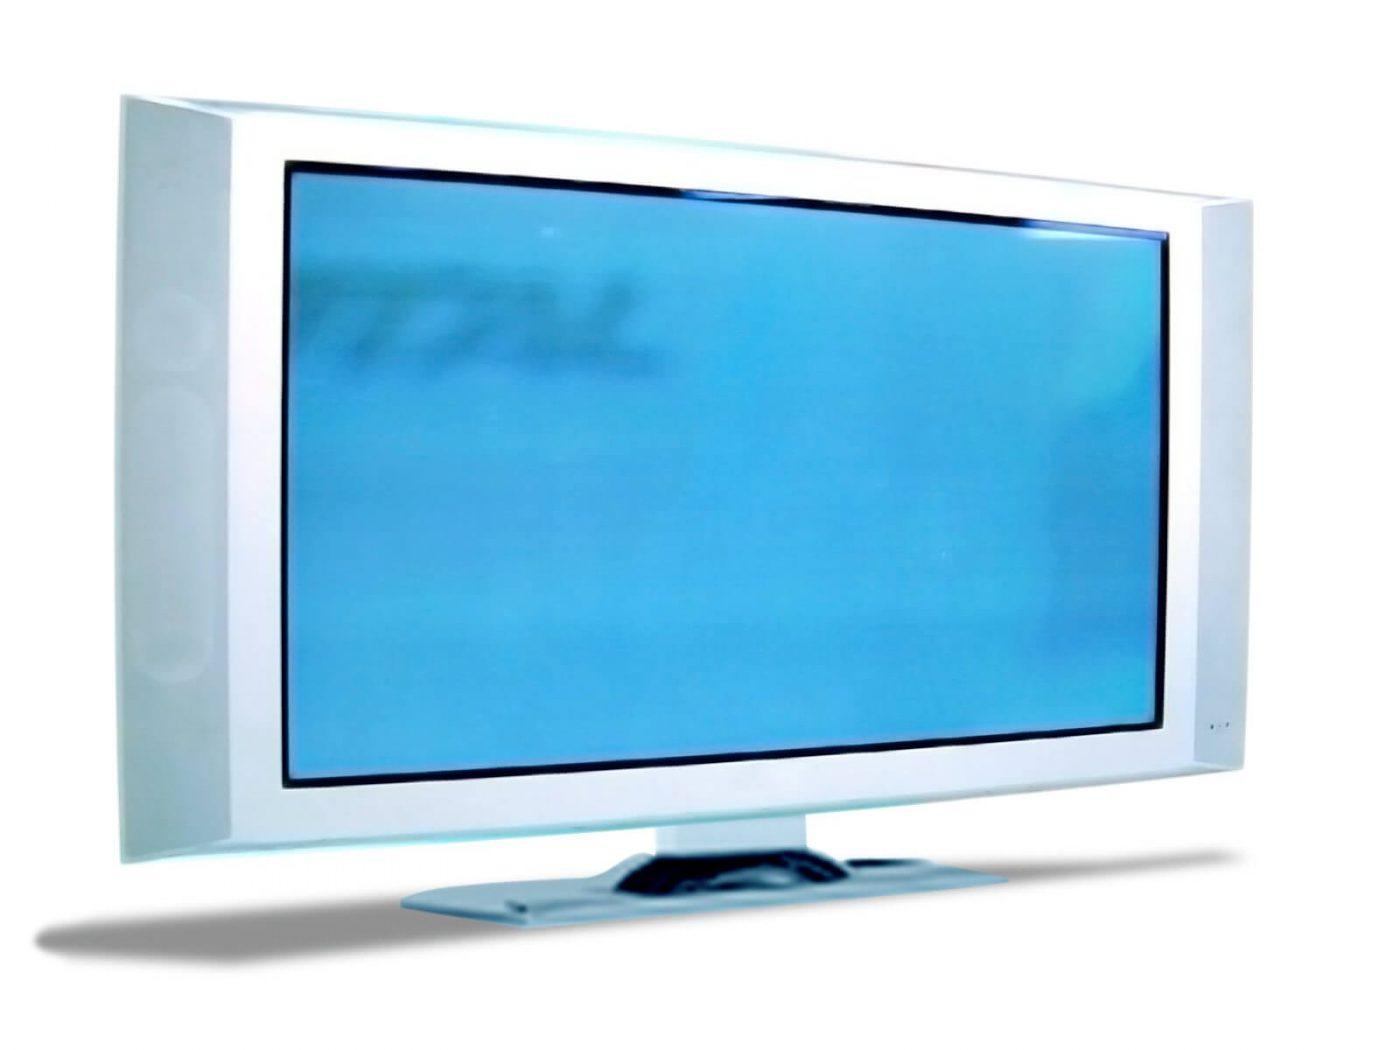 IPTV: Saiba tudo sobre a nova forma de entretenimento 4